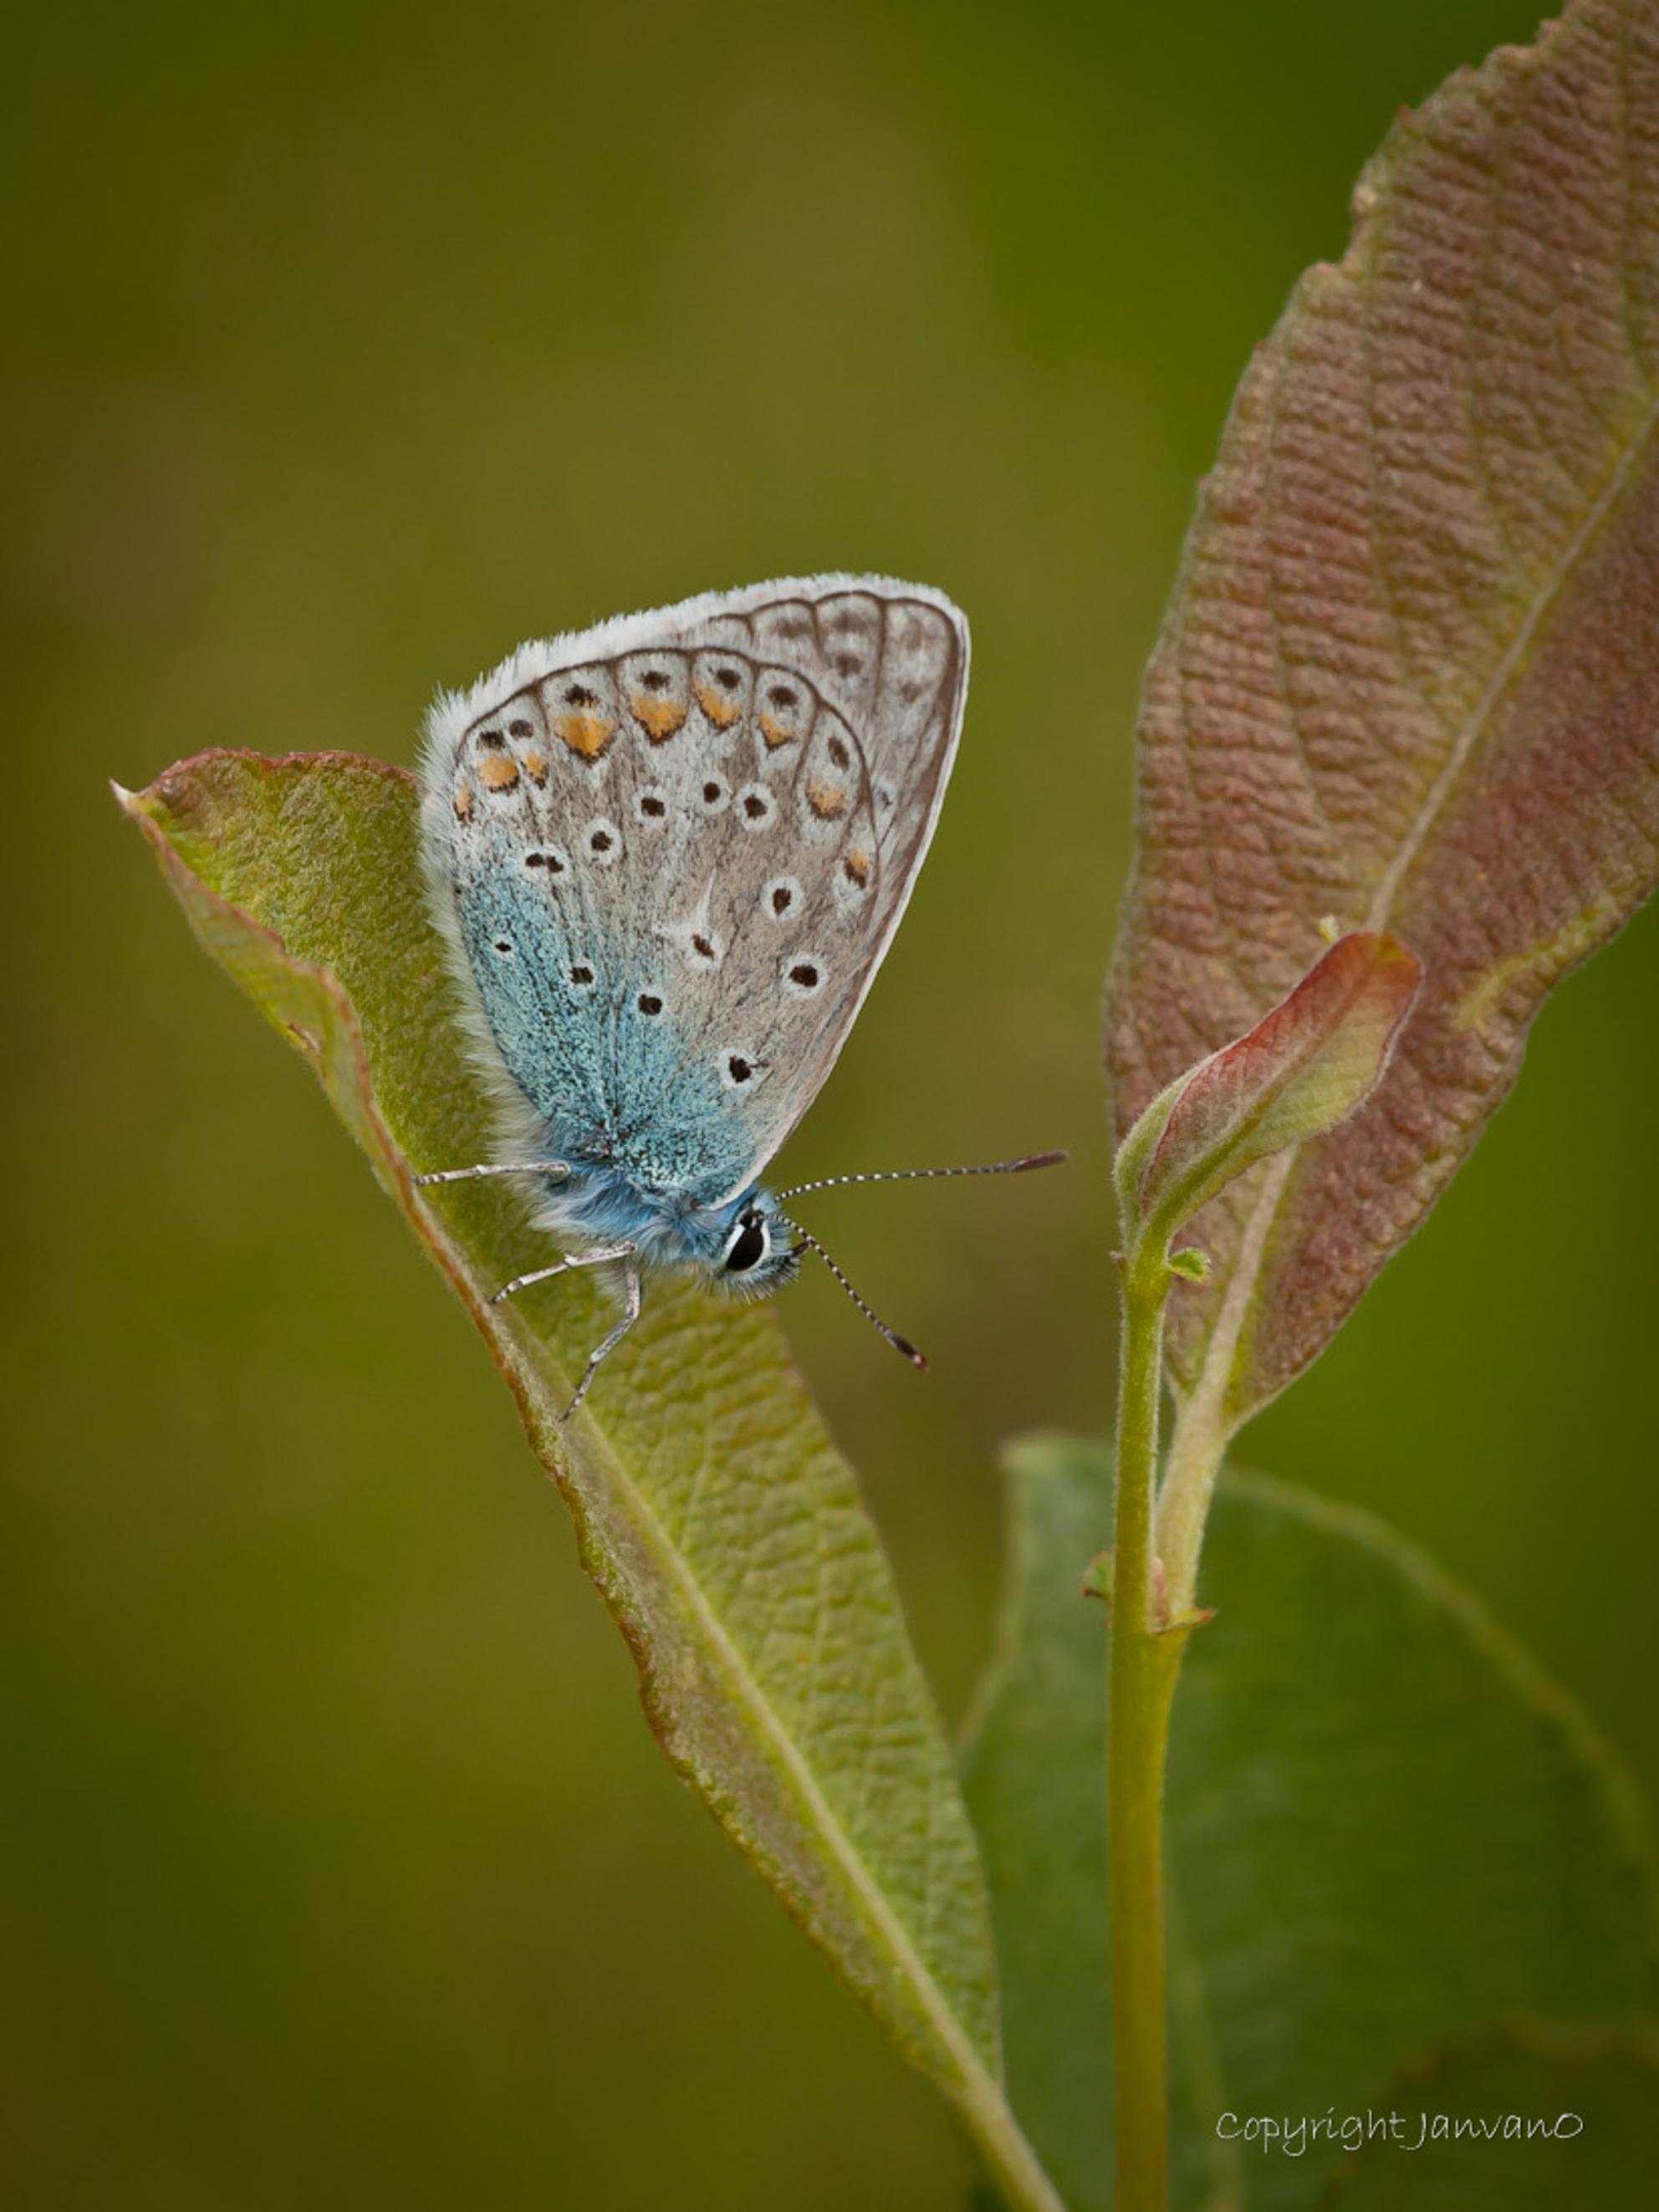 Bright Icarus - Fijn licht had ik bij deze opname, vandaar de titel.  Heeze 2012 - foto door JanvanO op 30-09-2012 - deze foto bevat: man, macro, natuur, vlinder, icarusblauwtje, butterfly, janvano, Polyommatus icarus, olympus e-3, Sigma 150mm, lycanidae, fijn licht